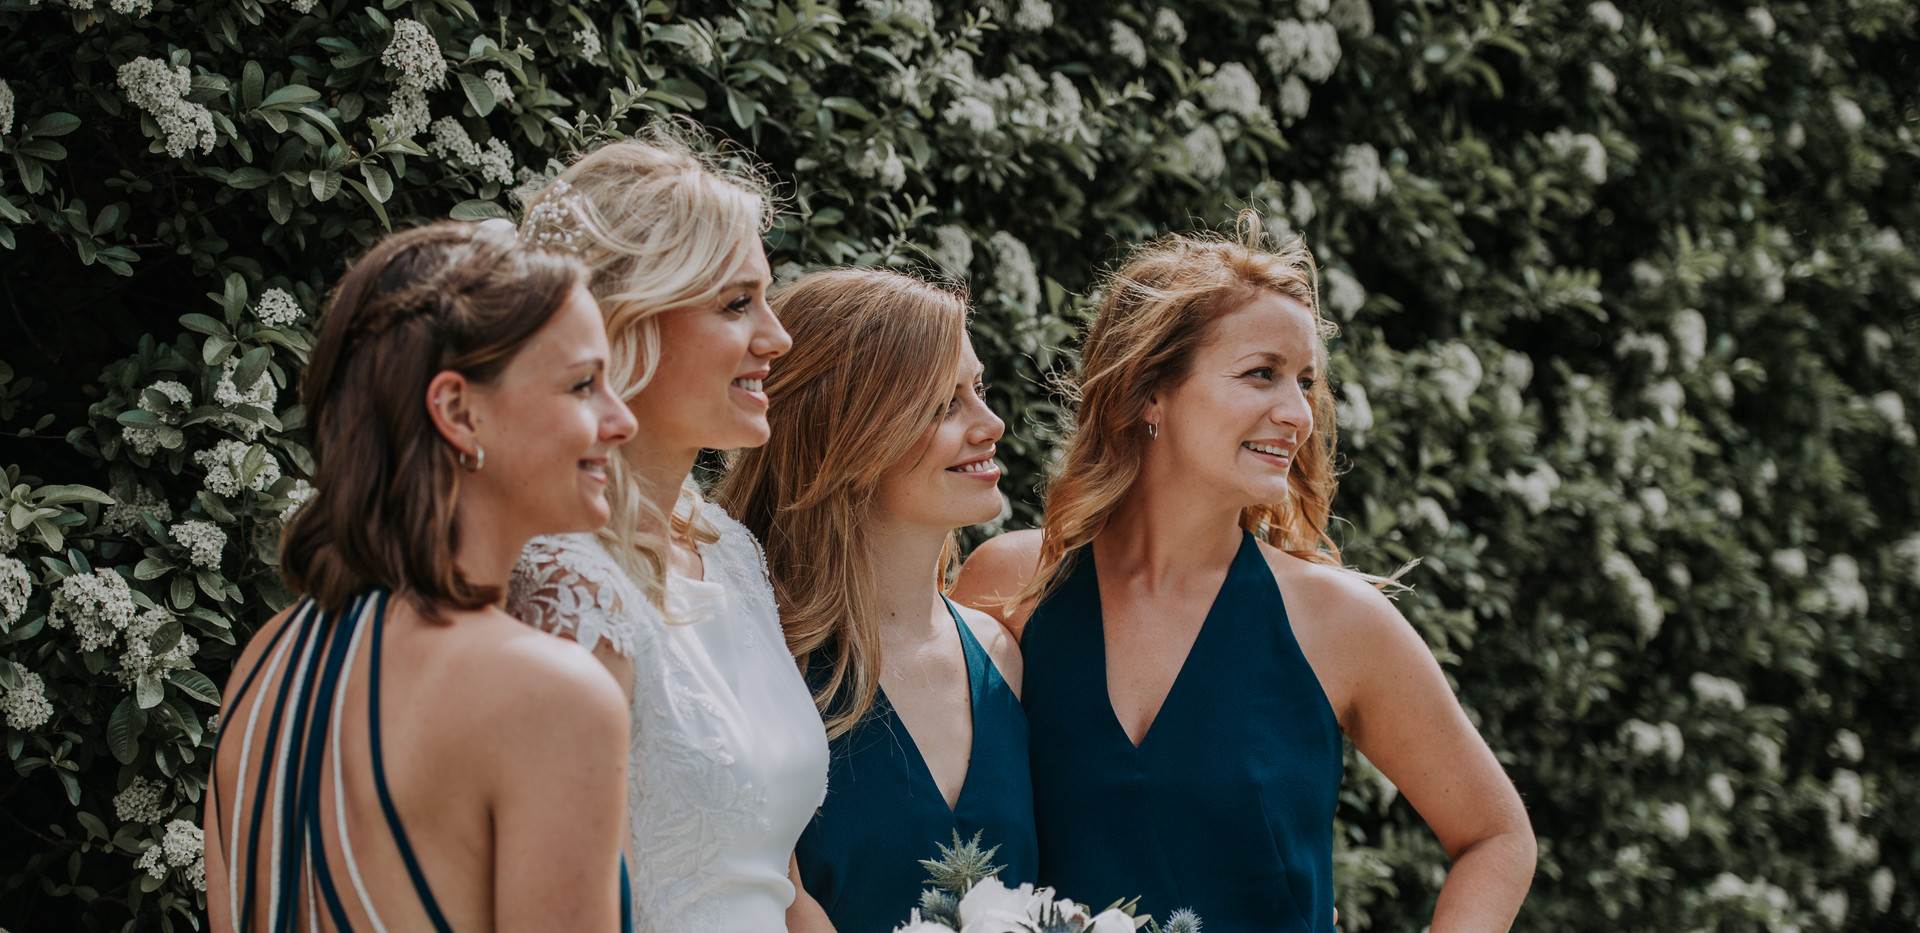 bride and bridesmaids at destination wedding